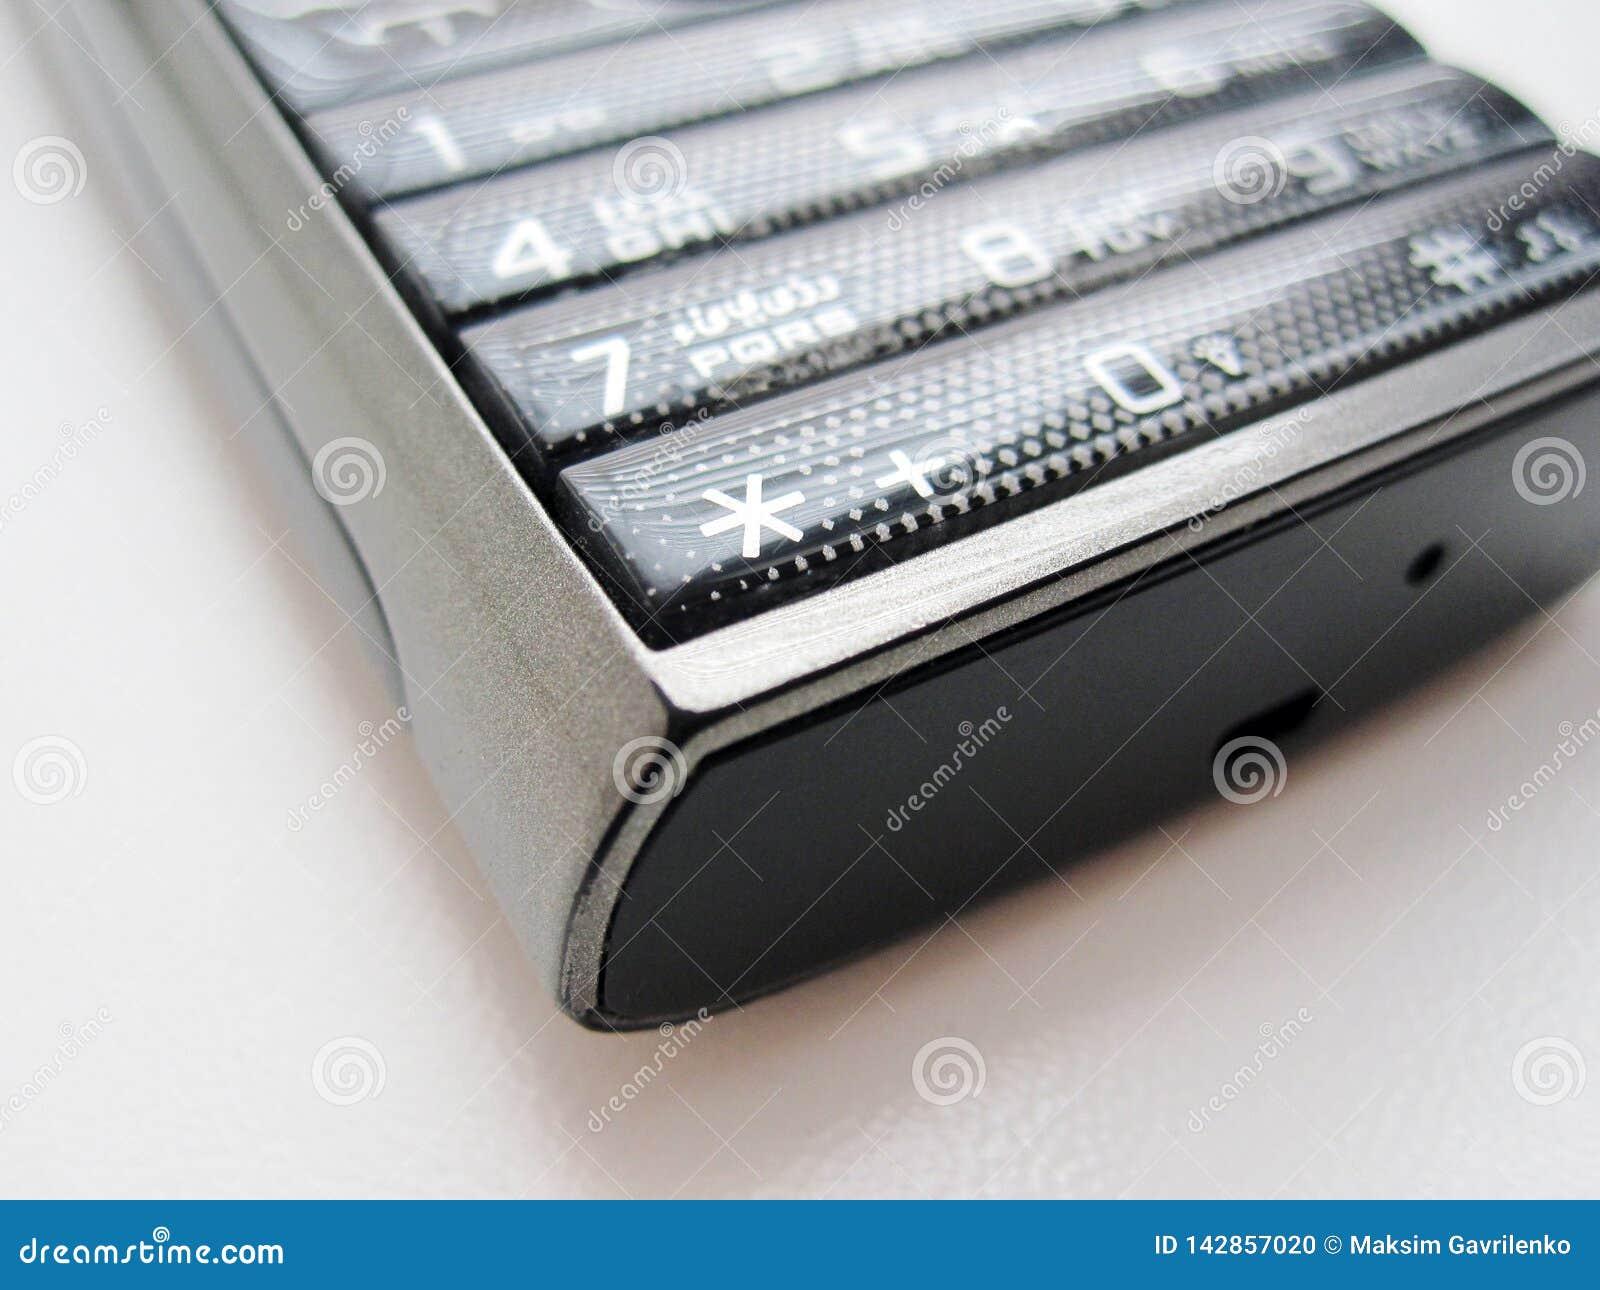 Tastaturtelefon auf einem weißen Hintergrund